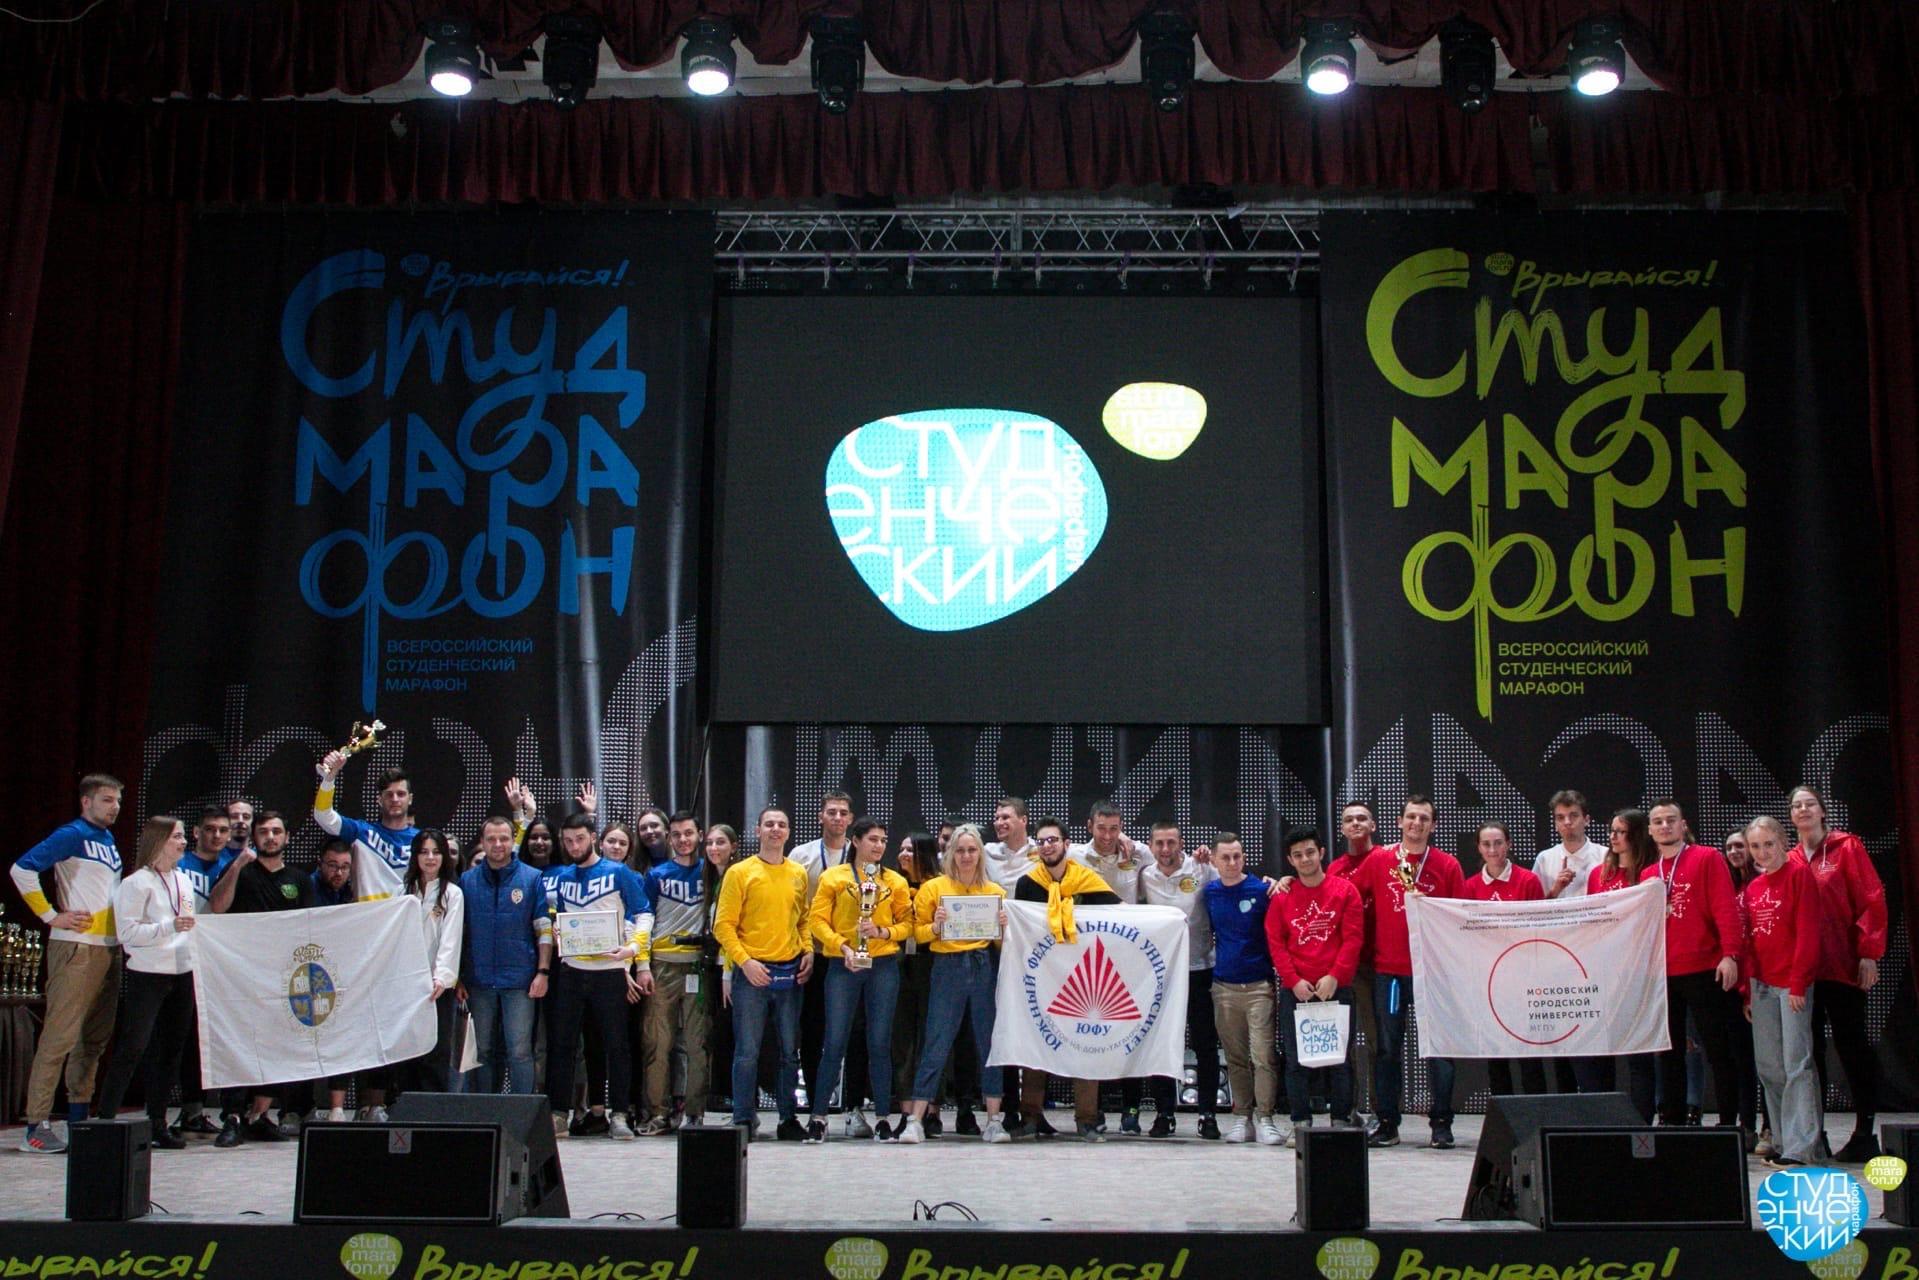 Команда МГПУ— лауреат Всероссийского студенческого марафона